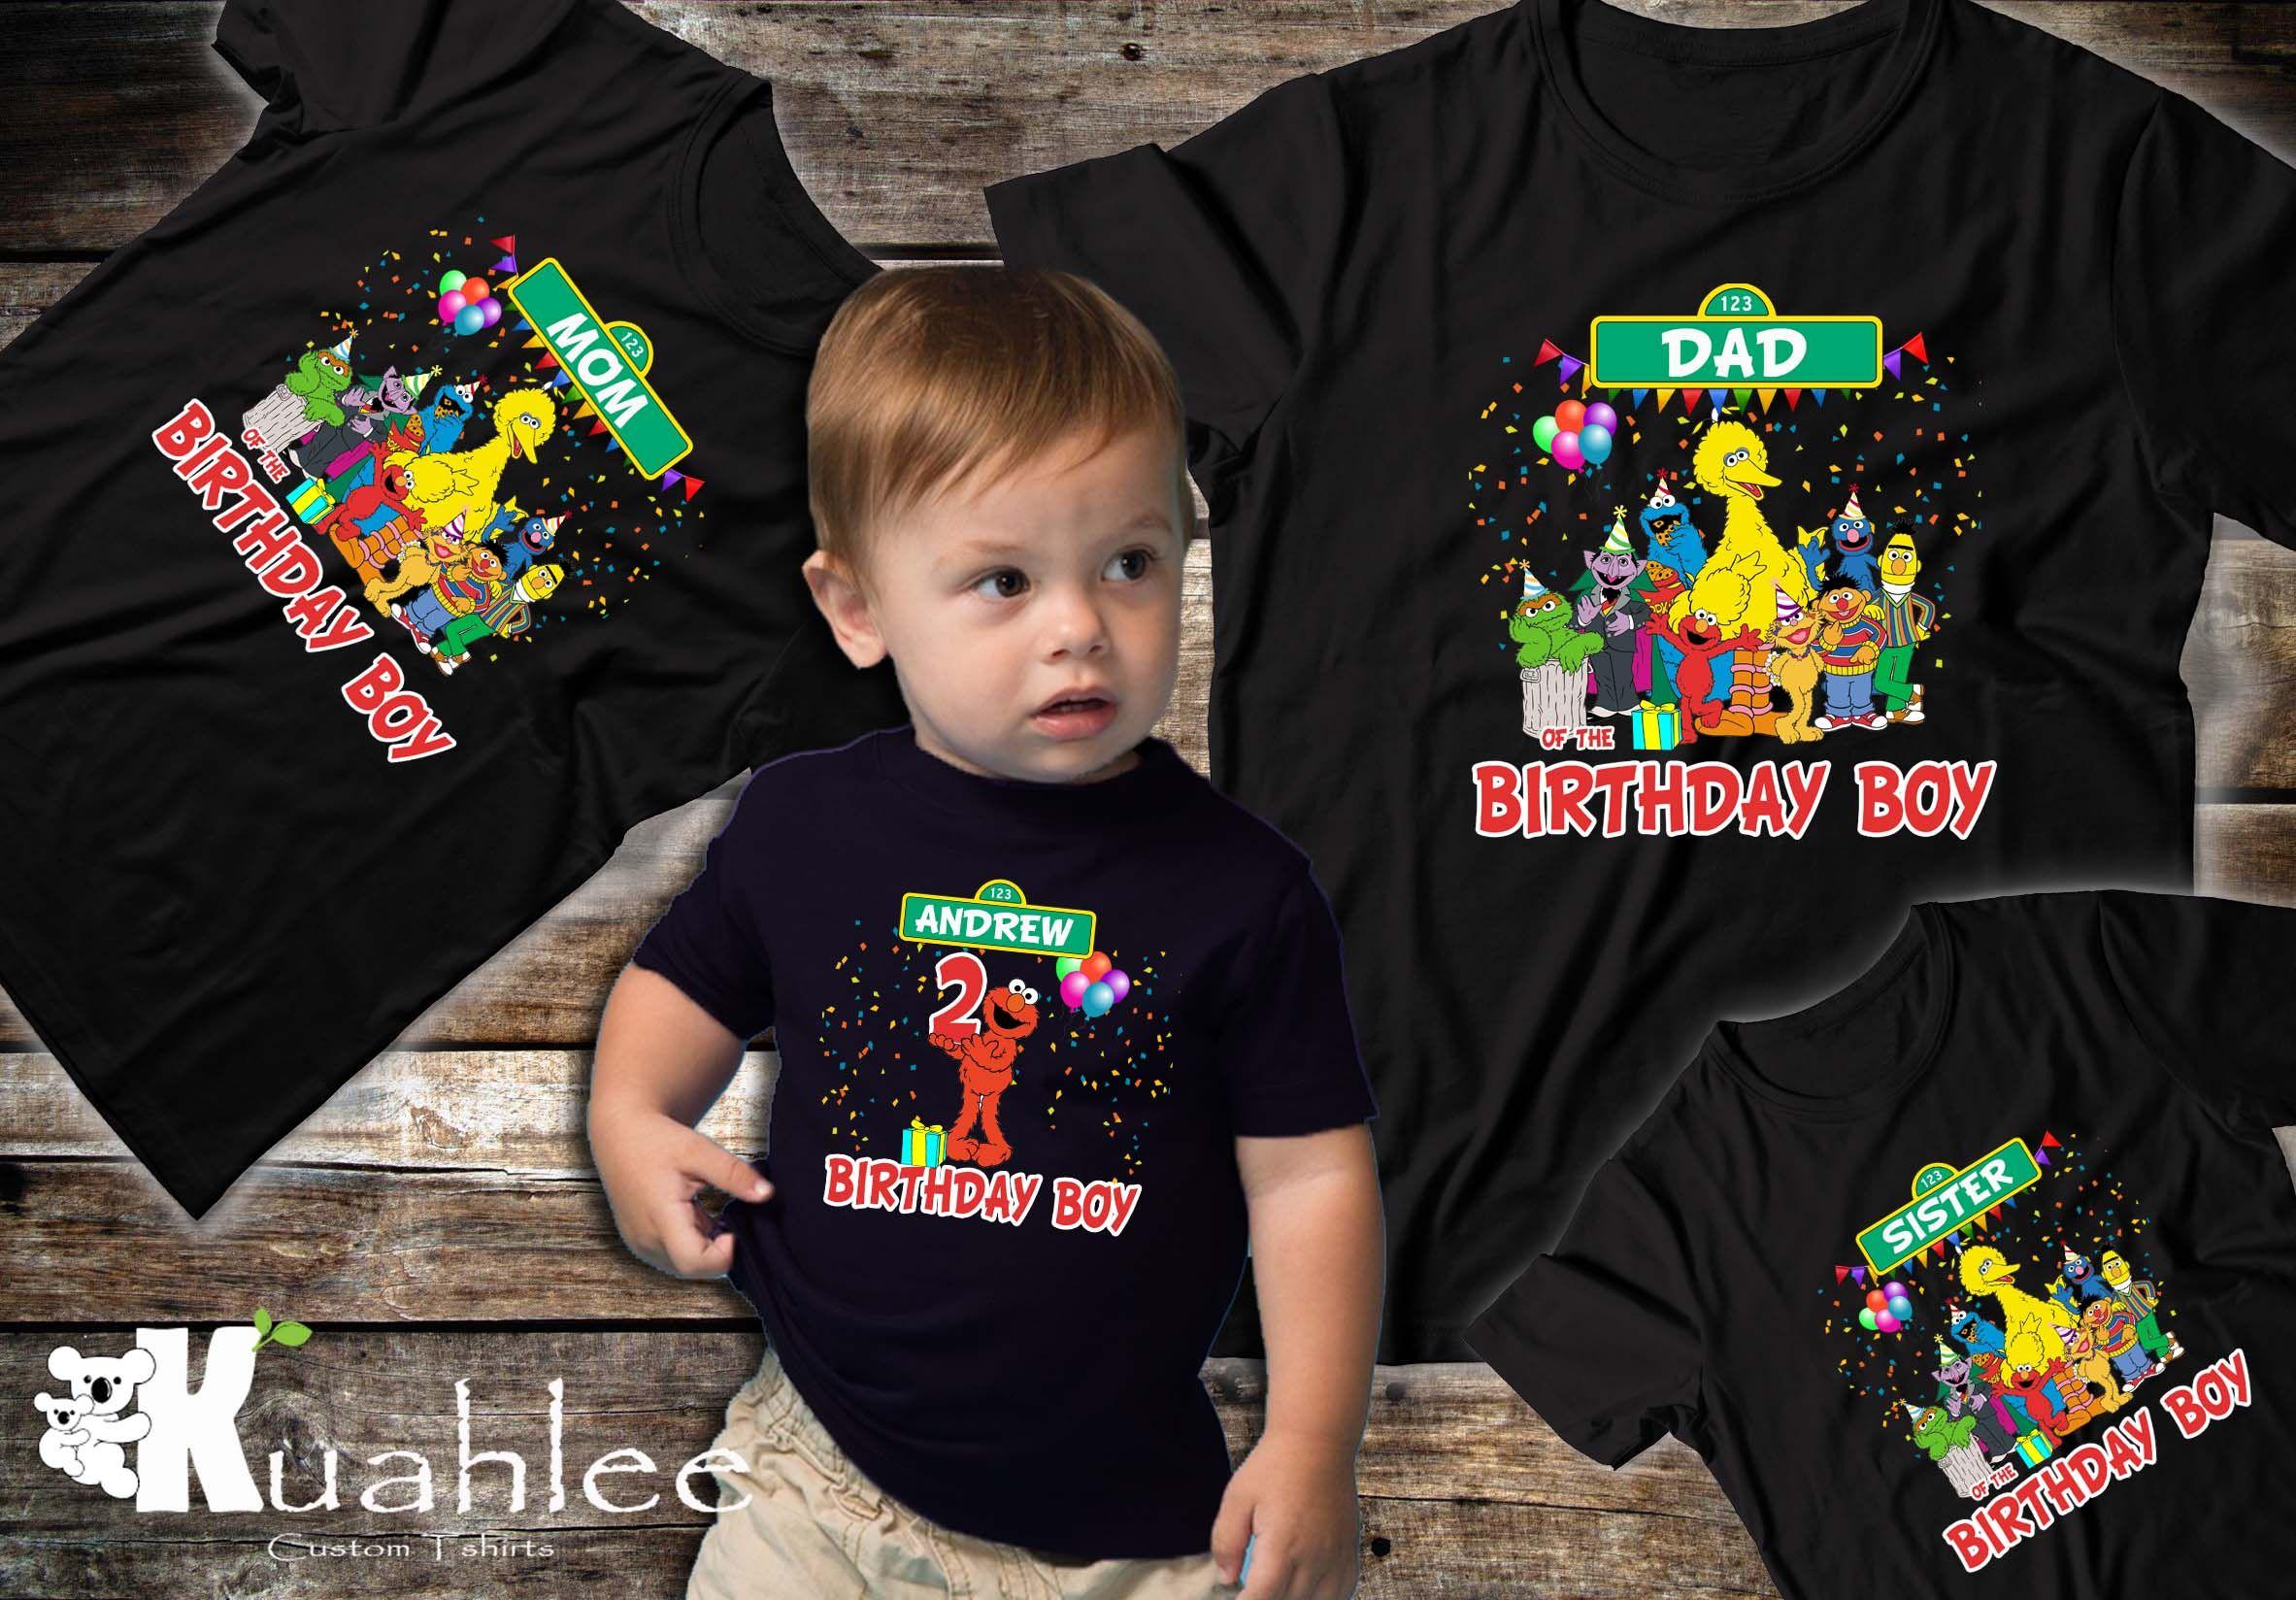 Sesame Street Inspired Name Shirt Kids Birthday shirt Sesame Street Birthday Shirts